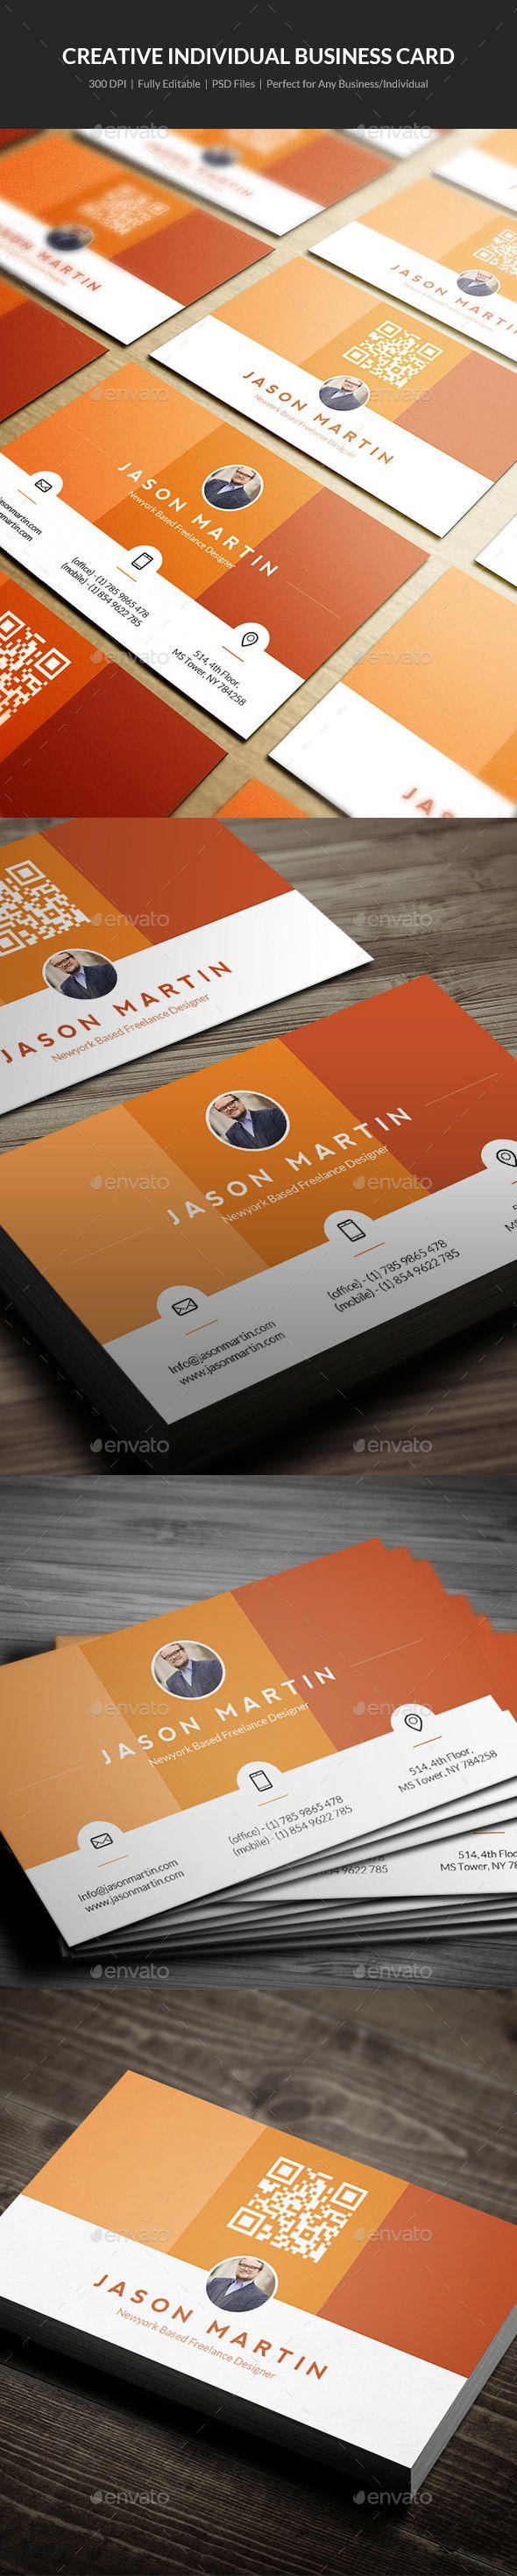 Best 25+ Business card logo ideas on Pinterest | Business card ...